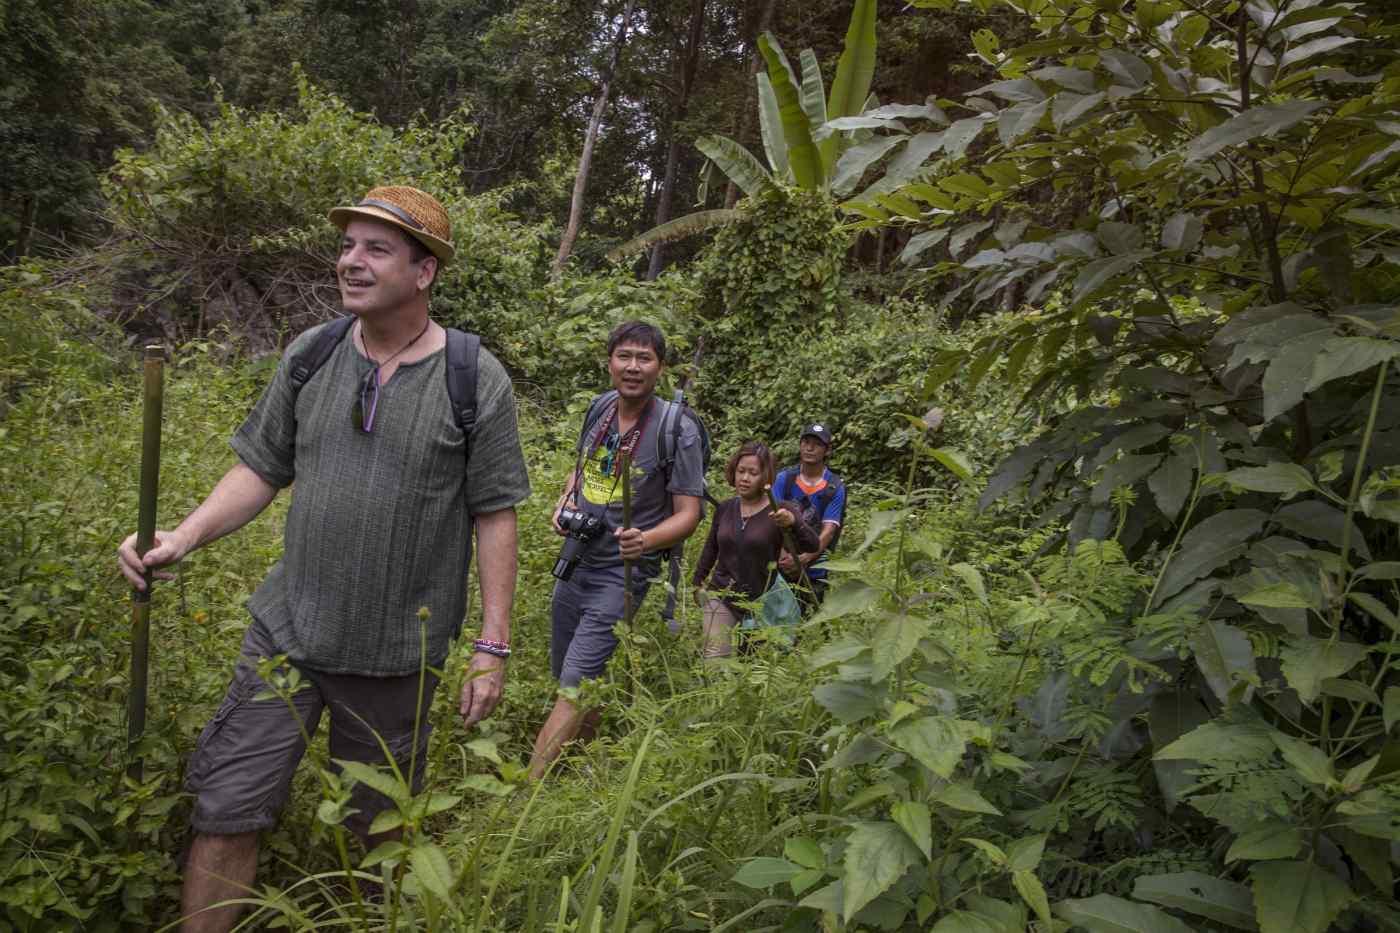 Trekking through Thailand